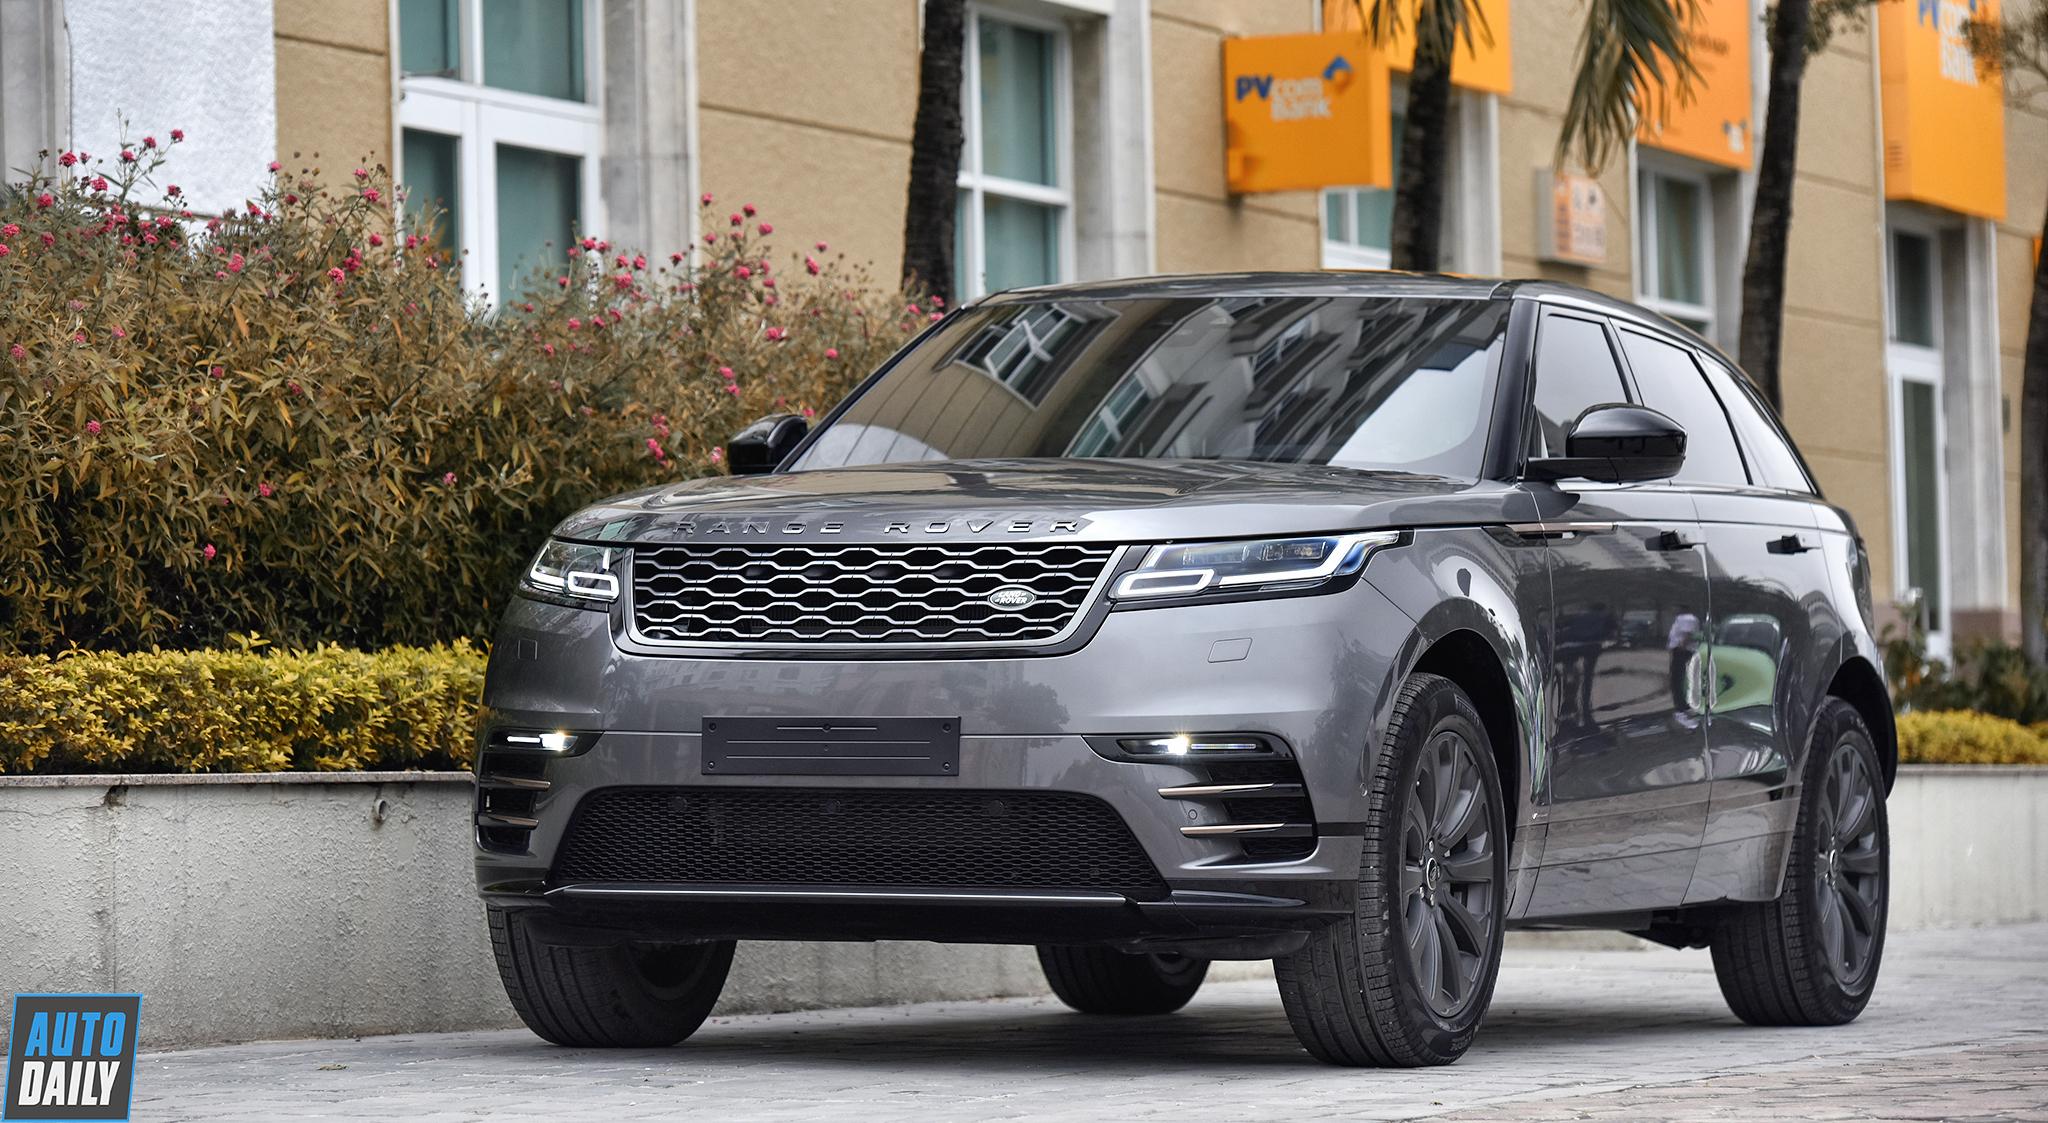 range-rover-velar-autodaily-22.jpg